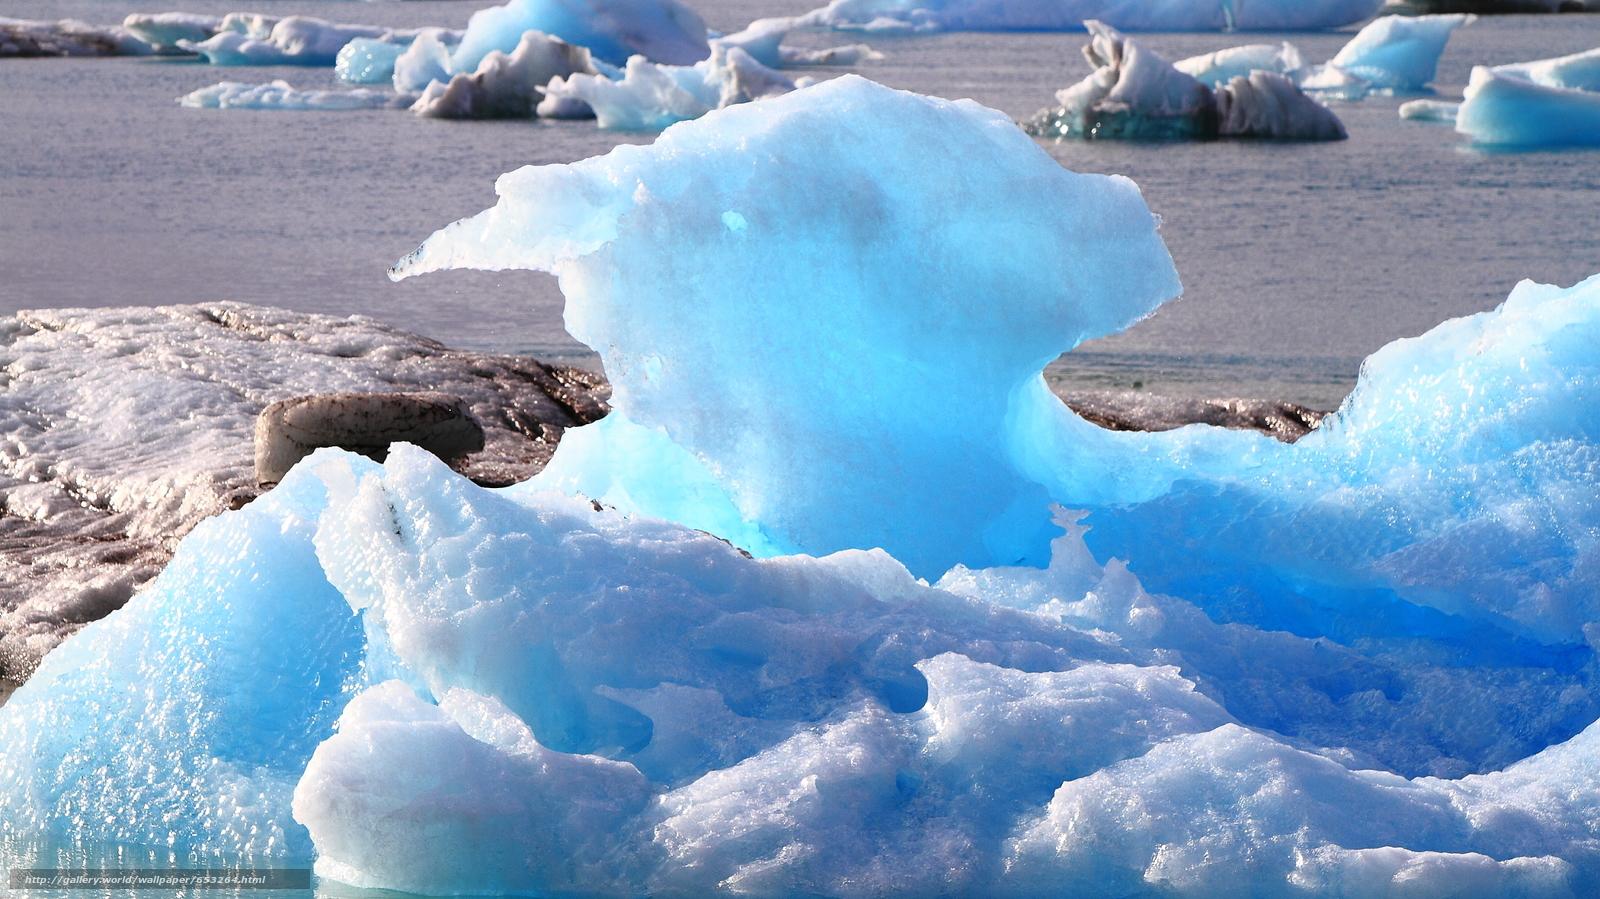 Скачать обои Исландия,  льды,  лед,  ледник бесплатно для рабочего стола в разрешении 2300x1293 — картинка №653264